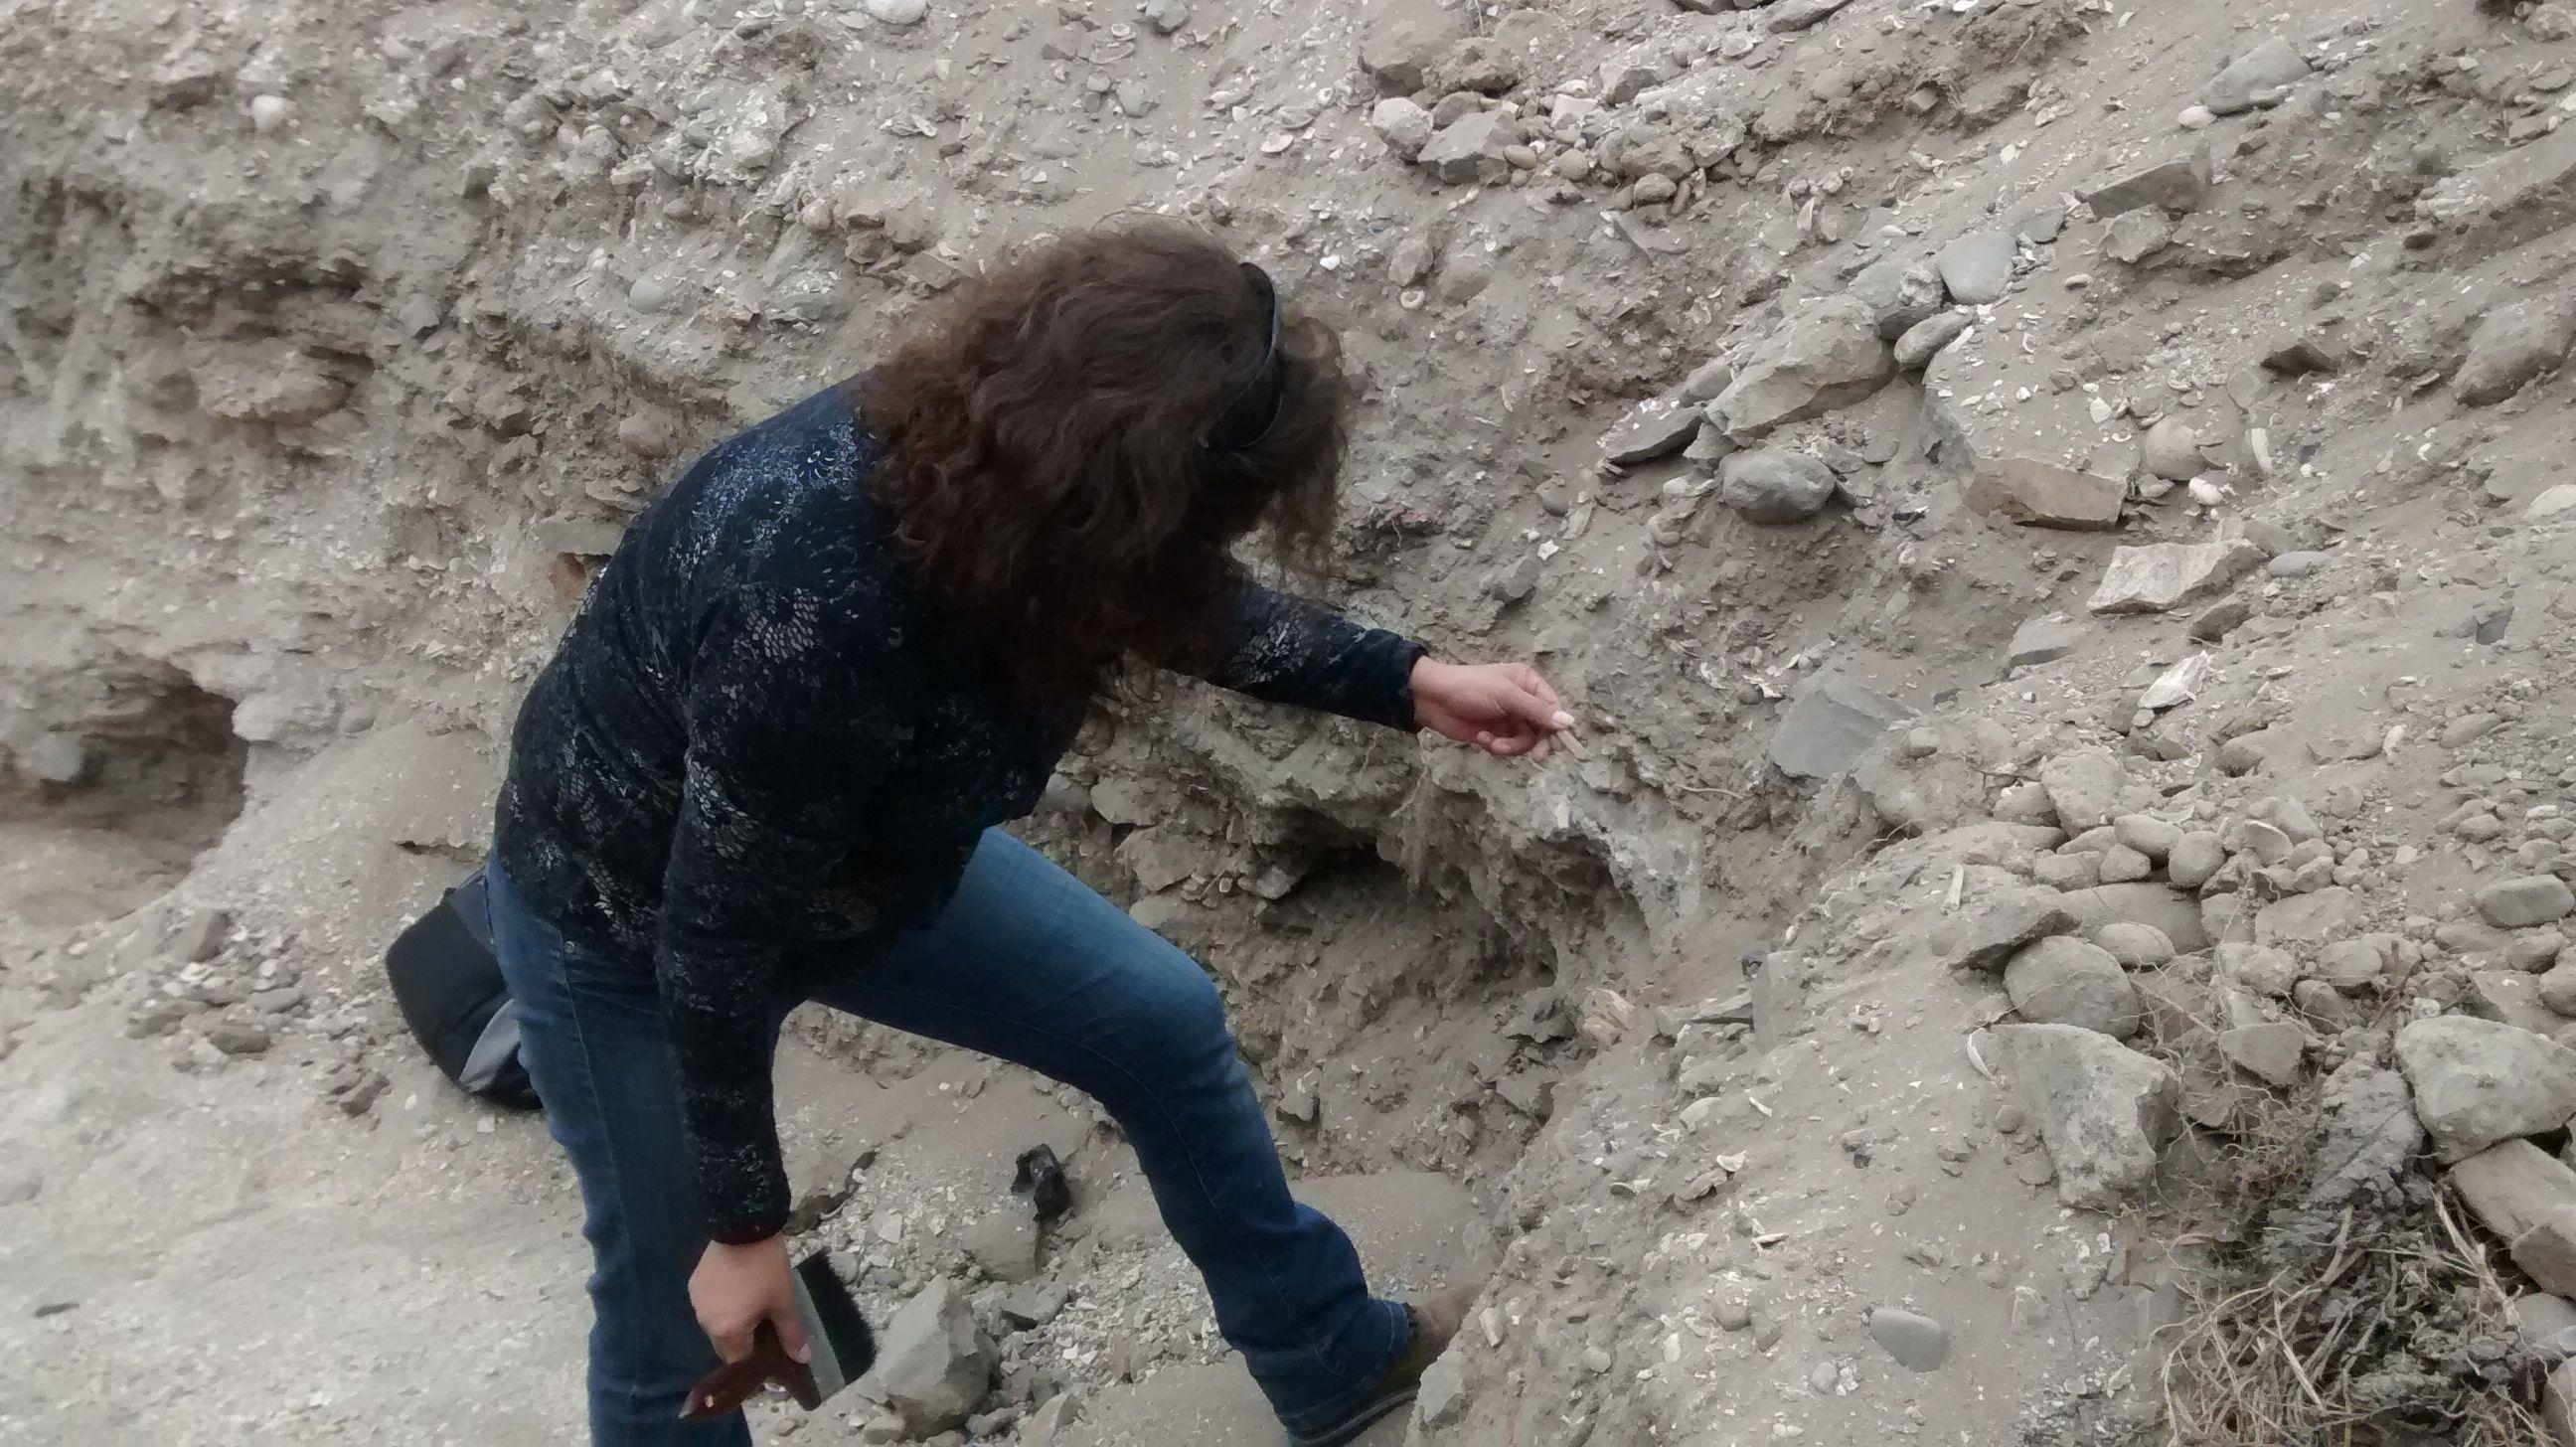 Fiscalía ordenó trabajo de perito forense tras hallazgo de osamentas en Huasco